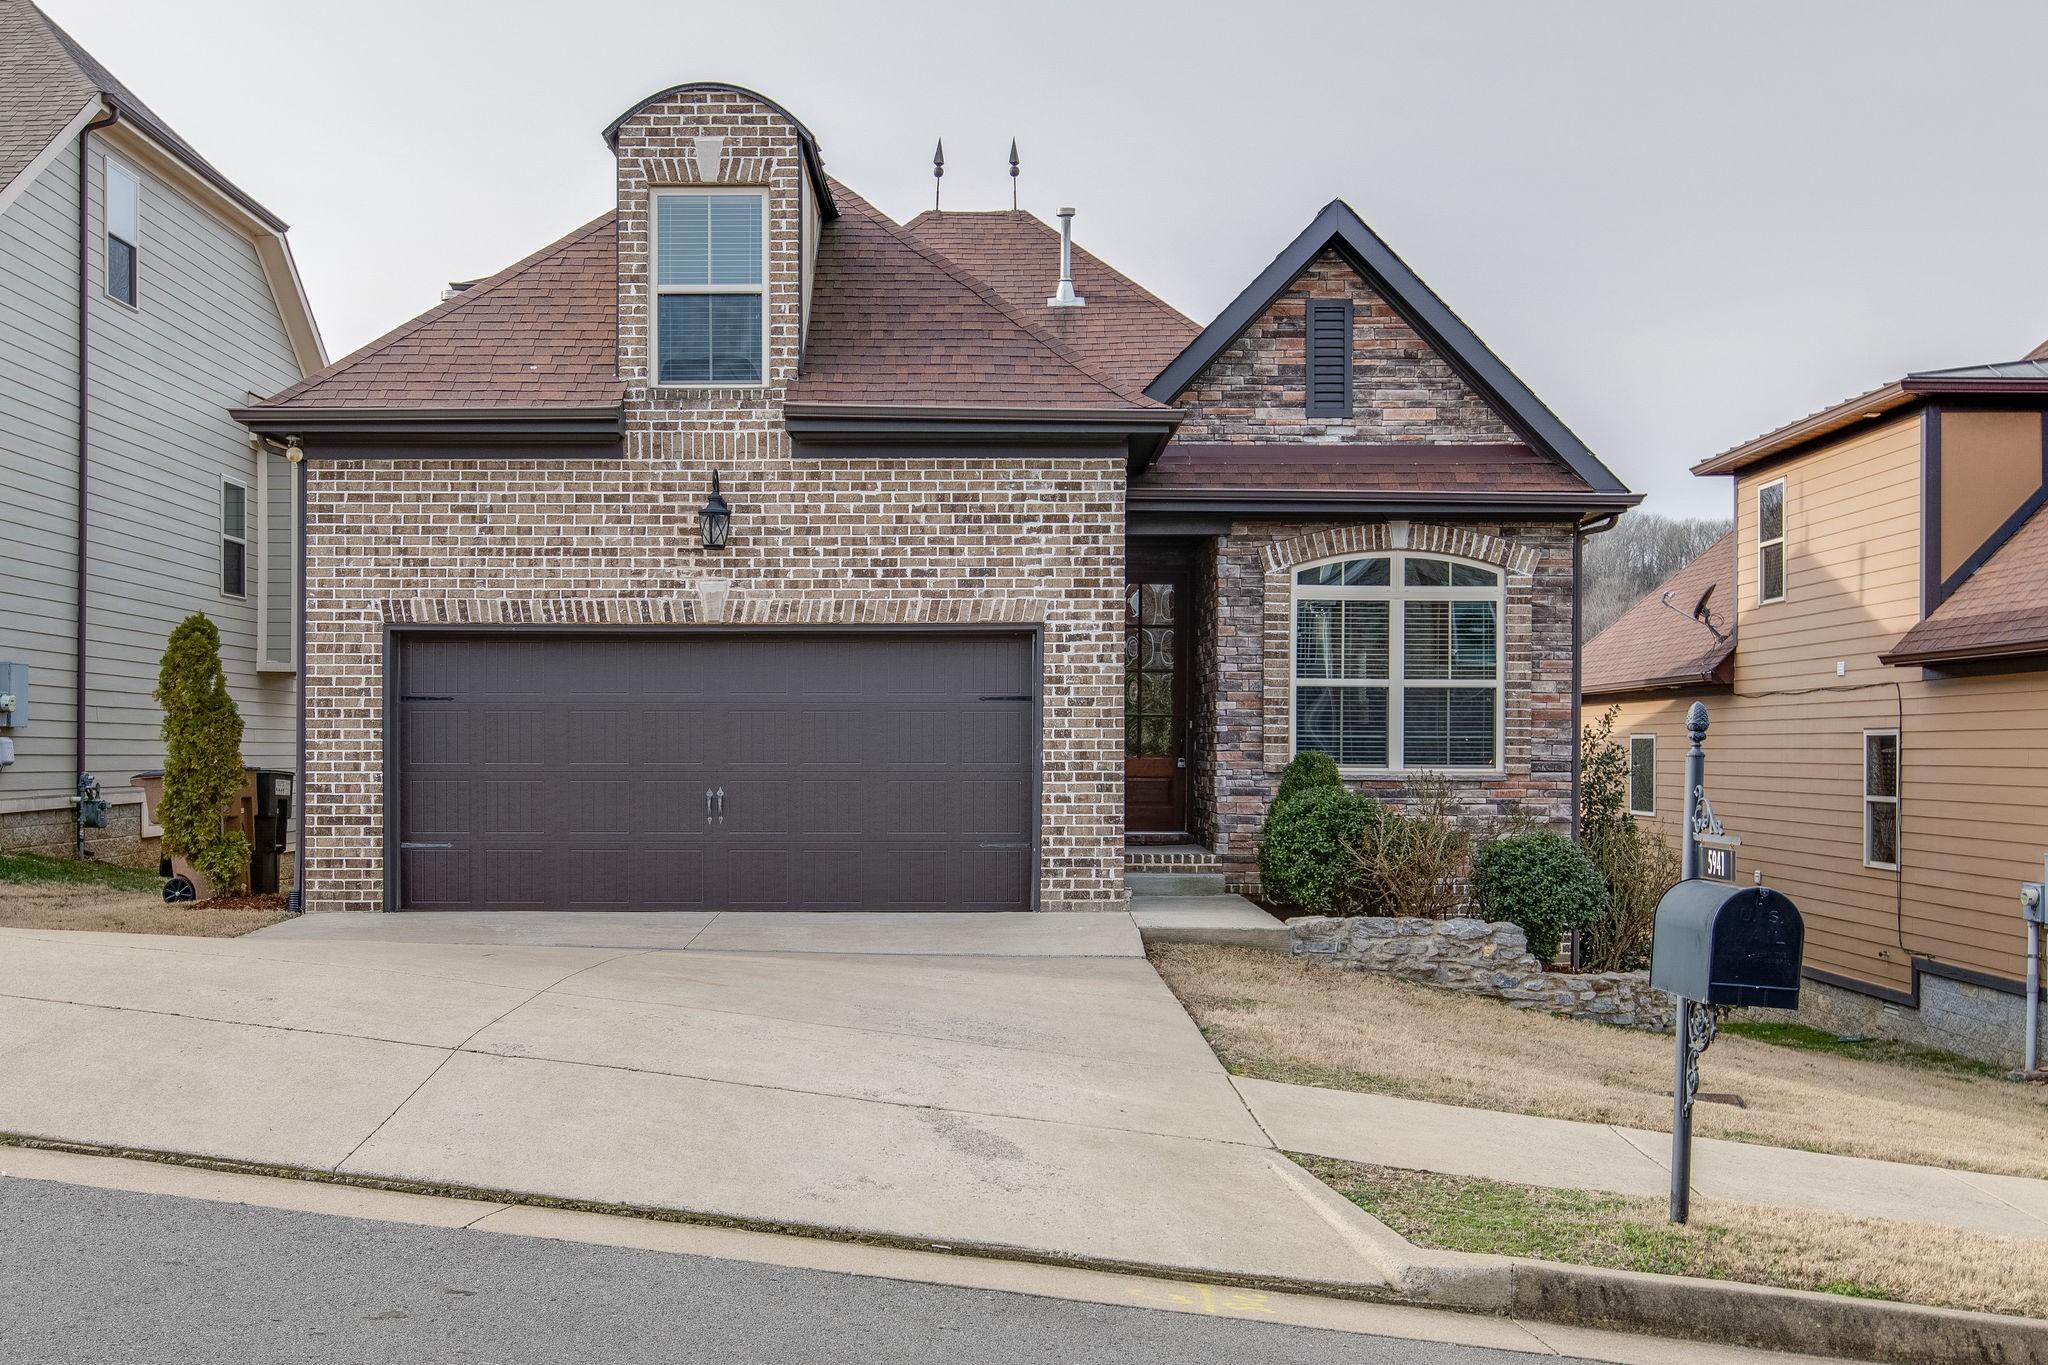 5941 Woodlands Ave, Nashville, TN 37211 - Nashville, TN real estate listing